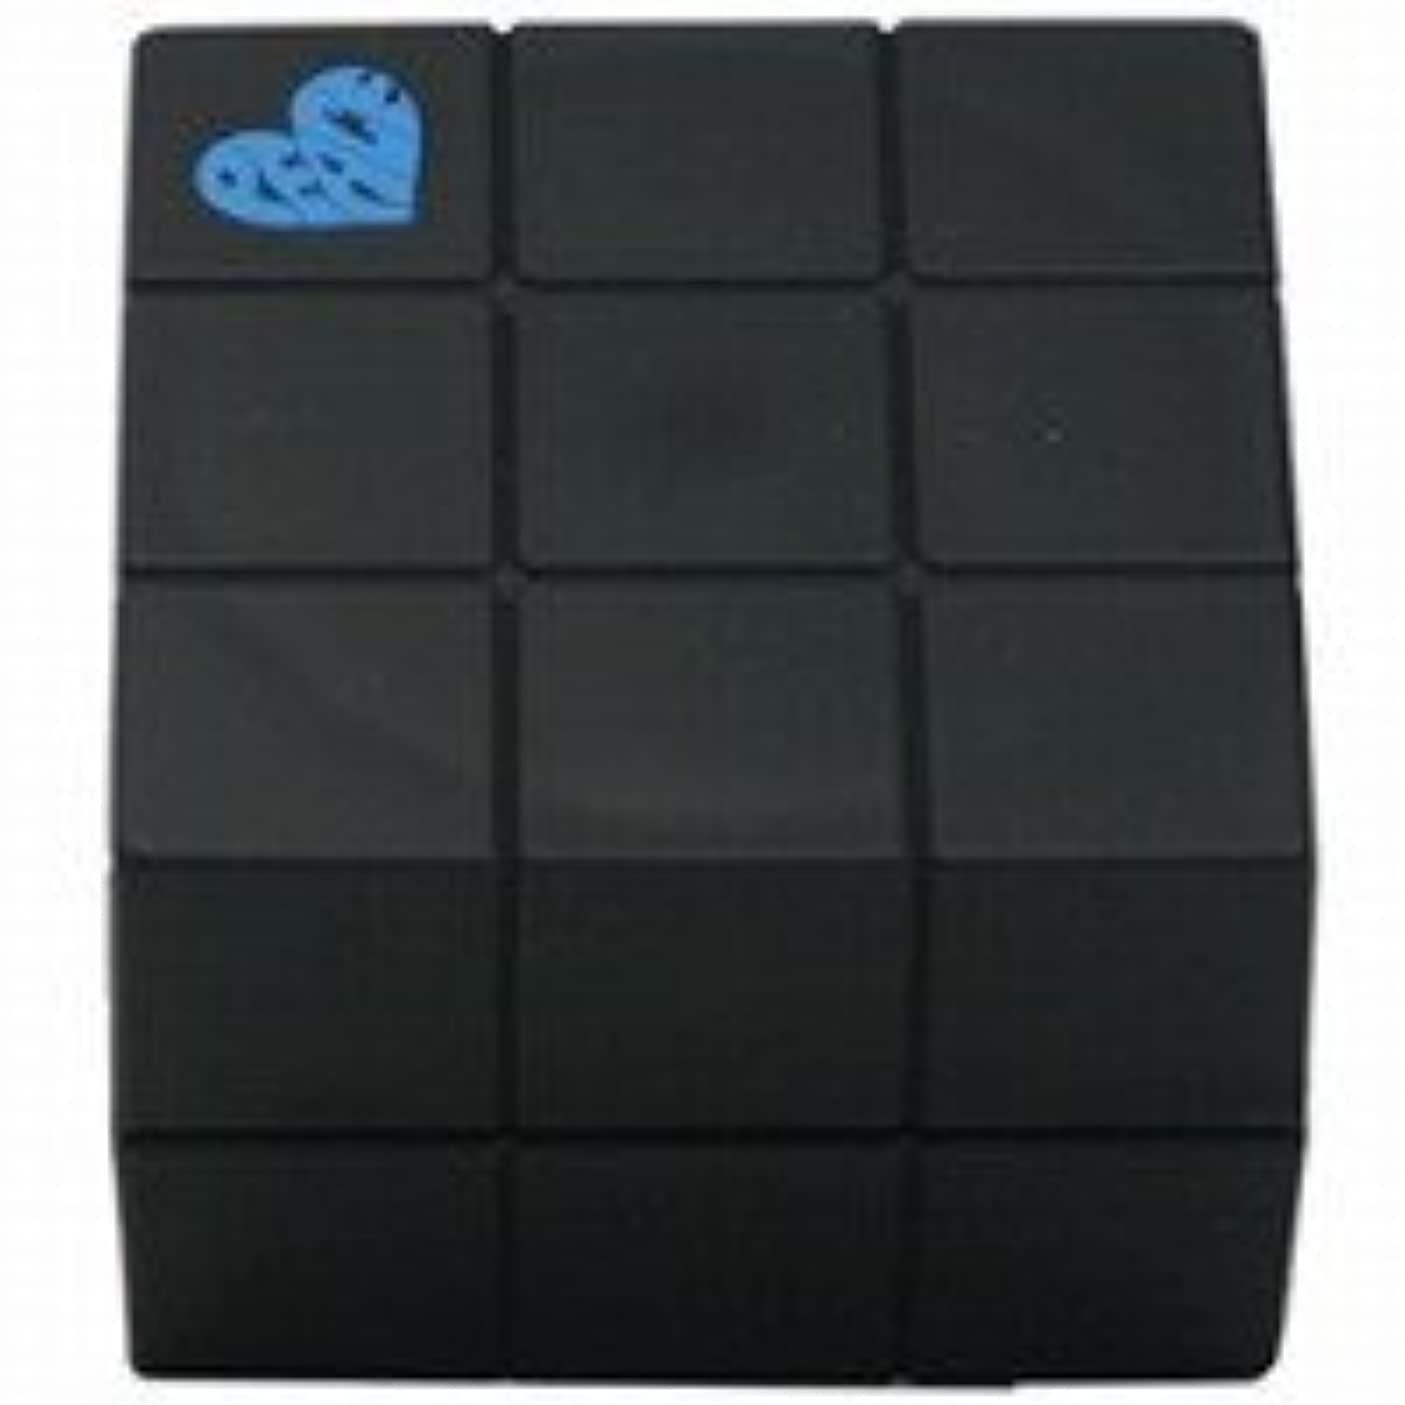 持続的引く送信する【X5個セット】 アリミノ ピース プロデザインシリーズ フリーズキープワックス ブラック 40g